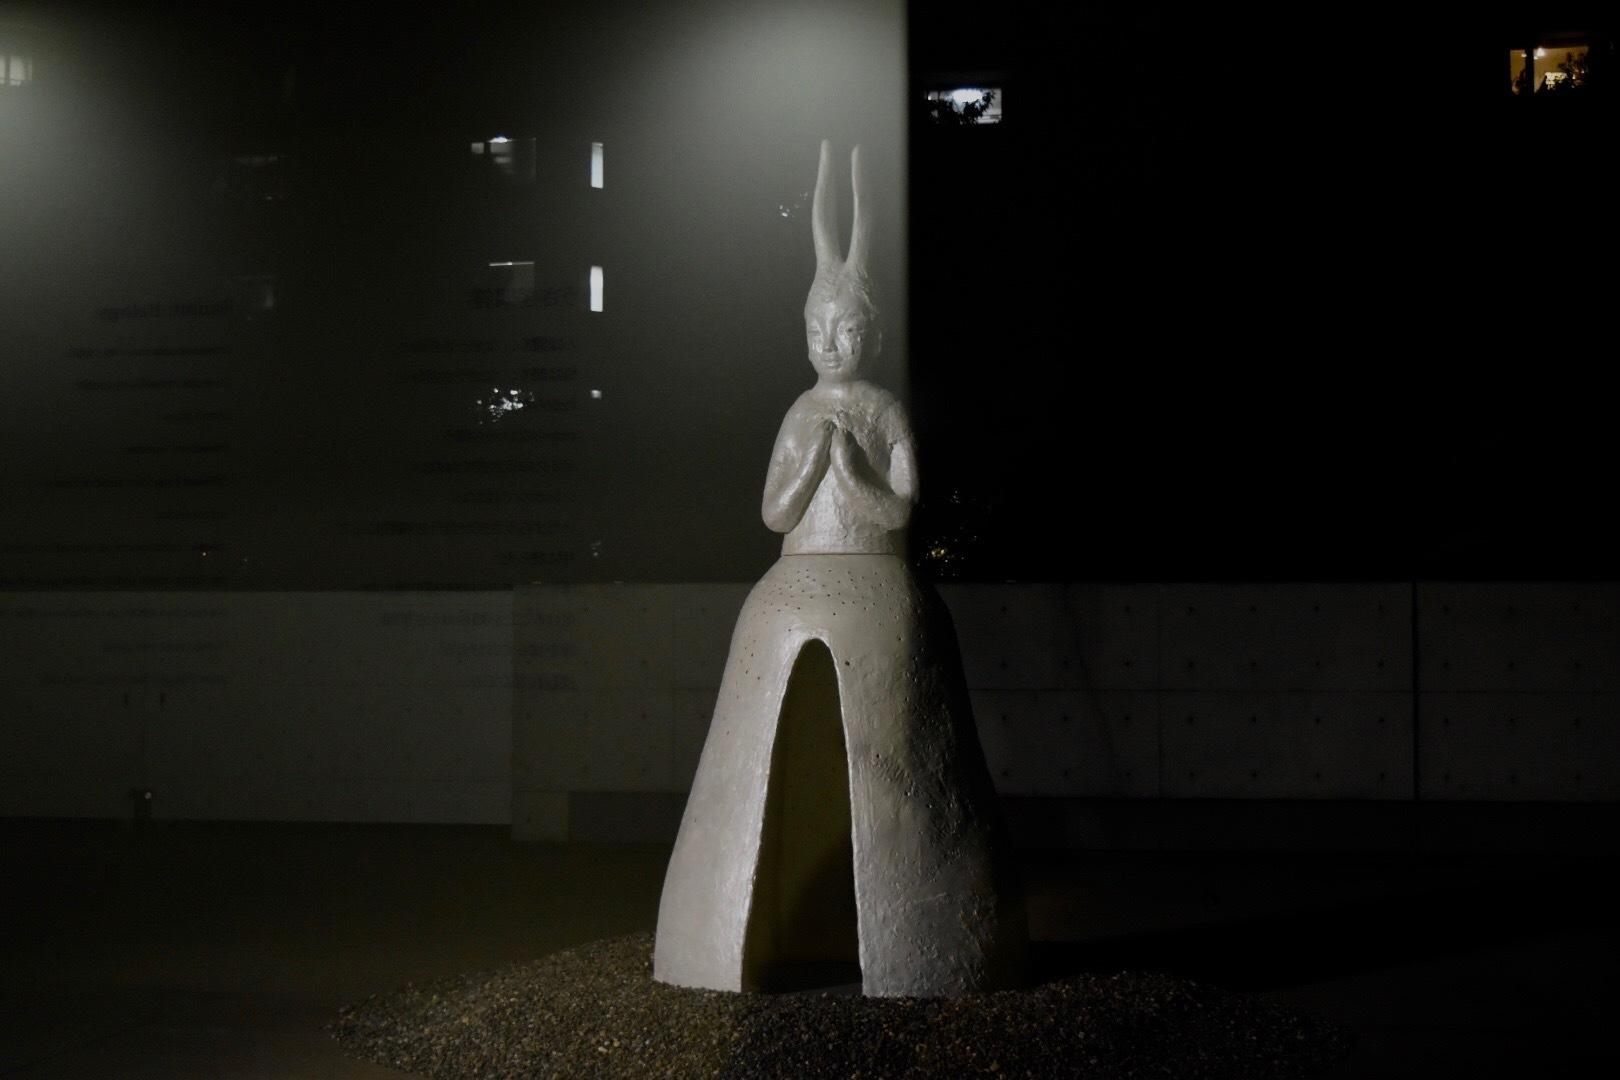 《うさぎ観音》 2012/14年 『イケムラレイコ 土と星 Our Planet』展 2019年 国立新美術館展示風景